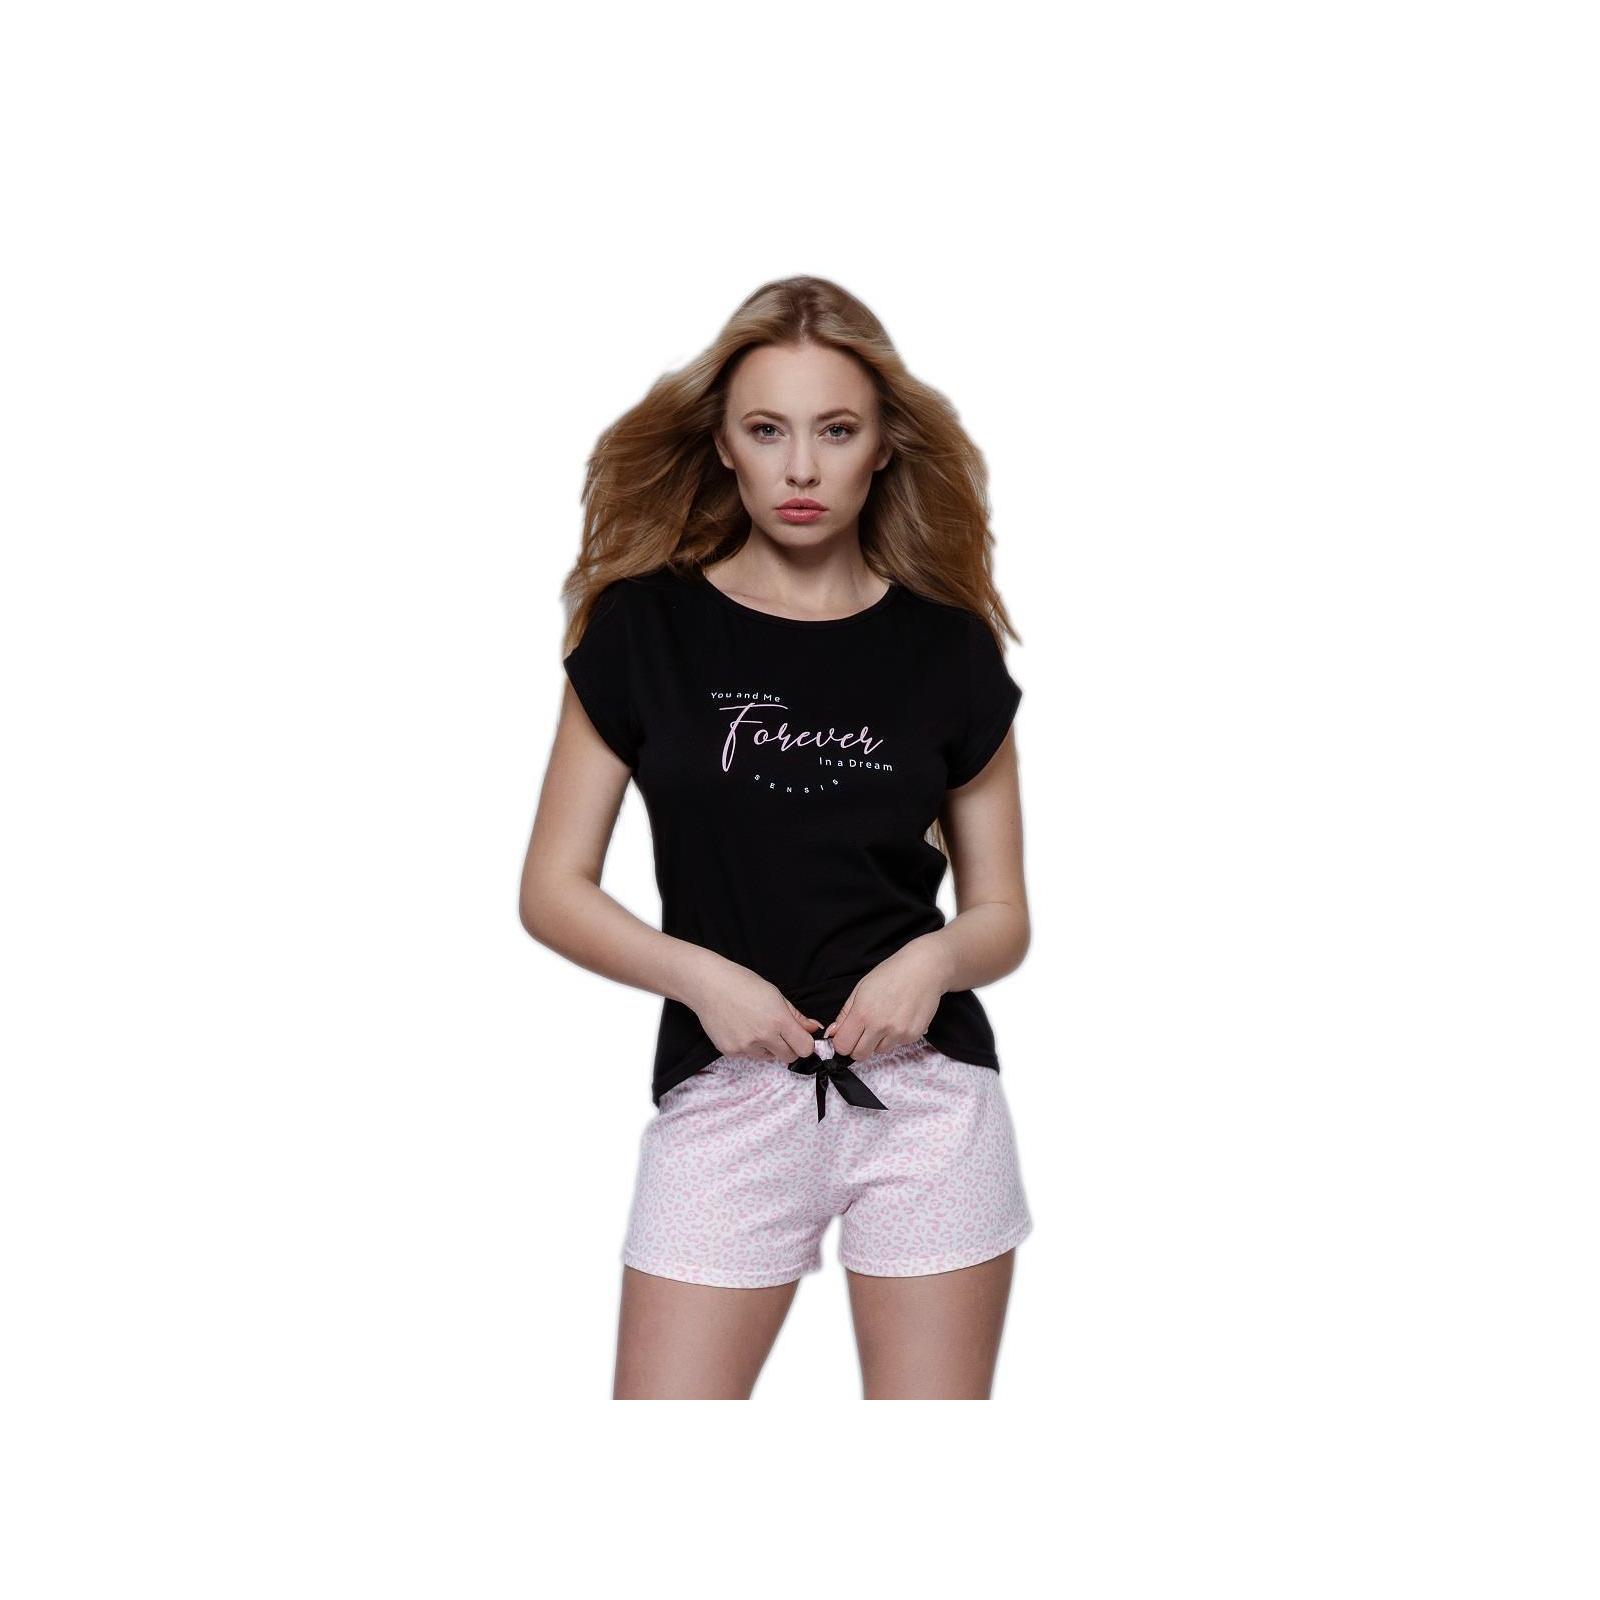 Nachtwäsche SetSENSISkurze Hose T-shirt Pyjama Damen Schlafanzug Shorts